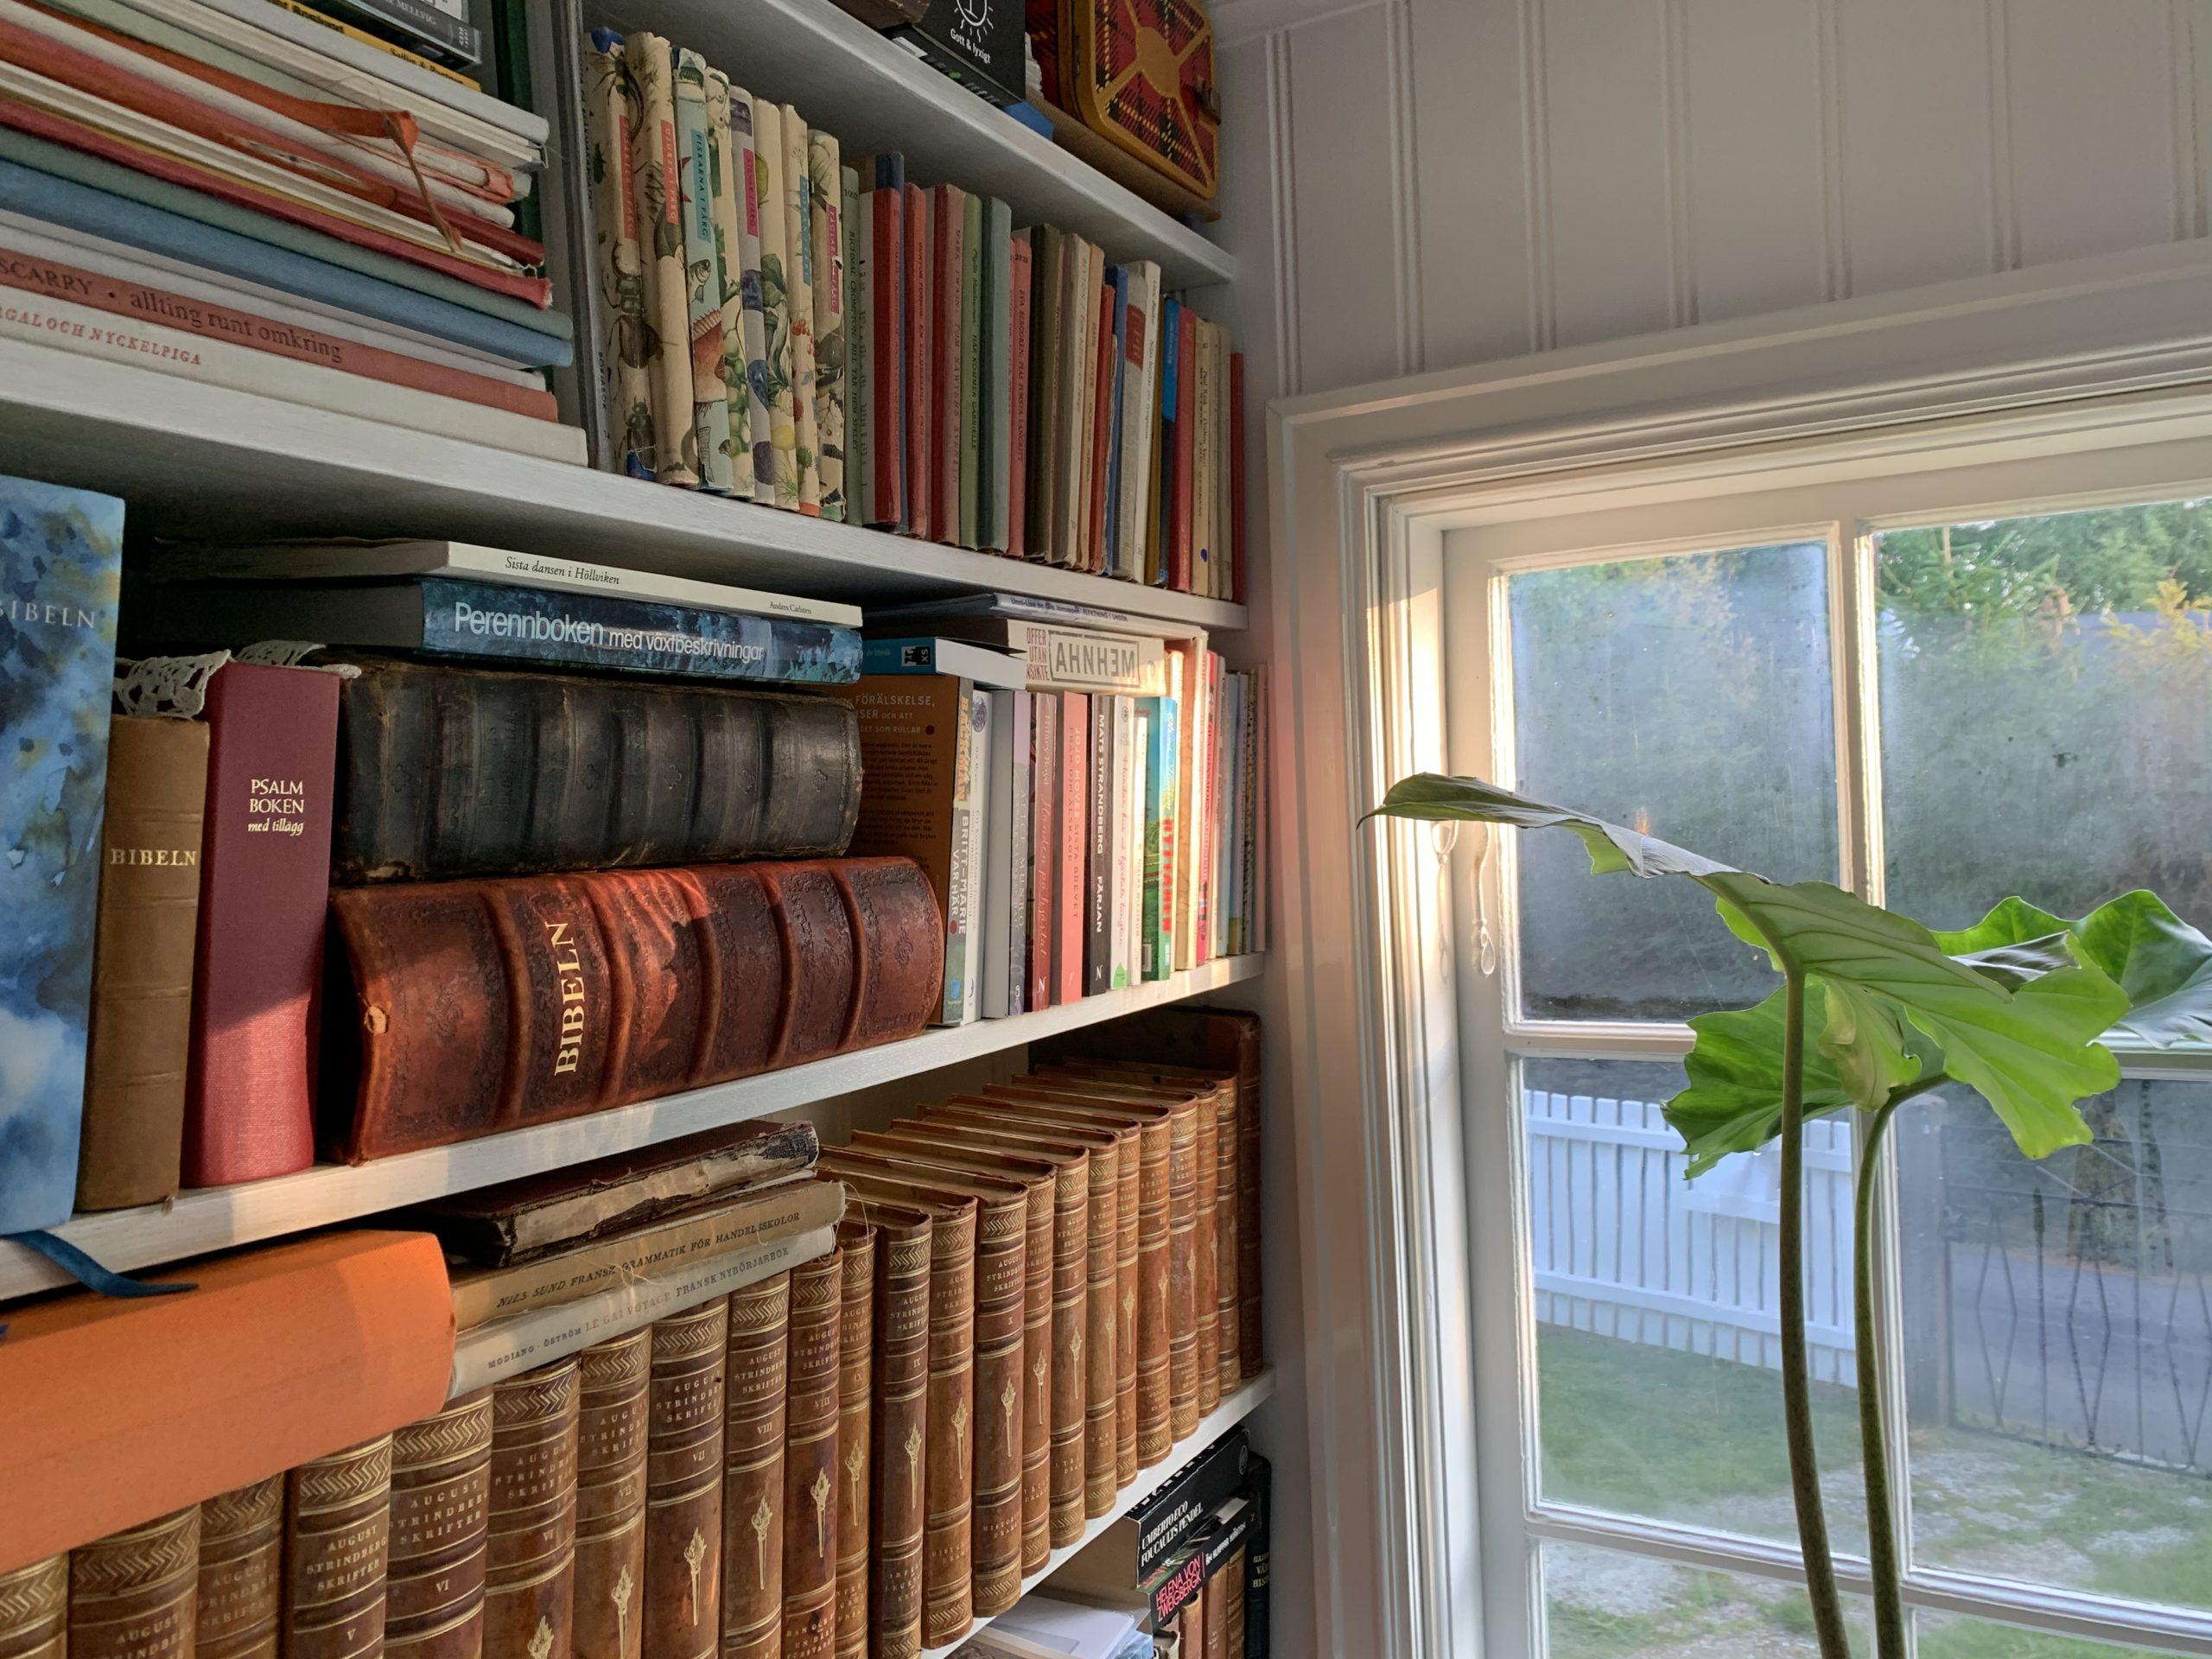 vår lilla bokhylla i sommarhuset